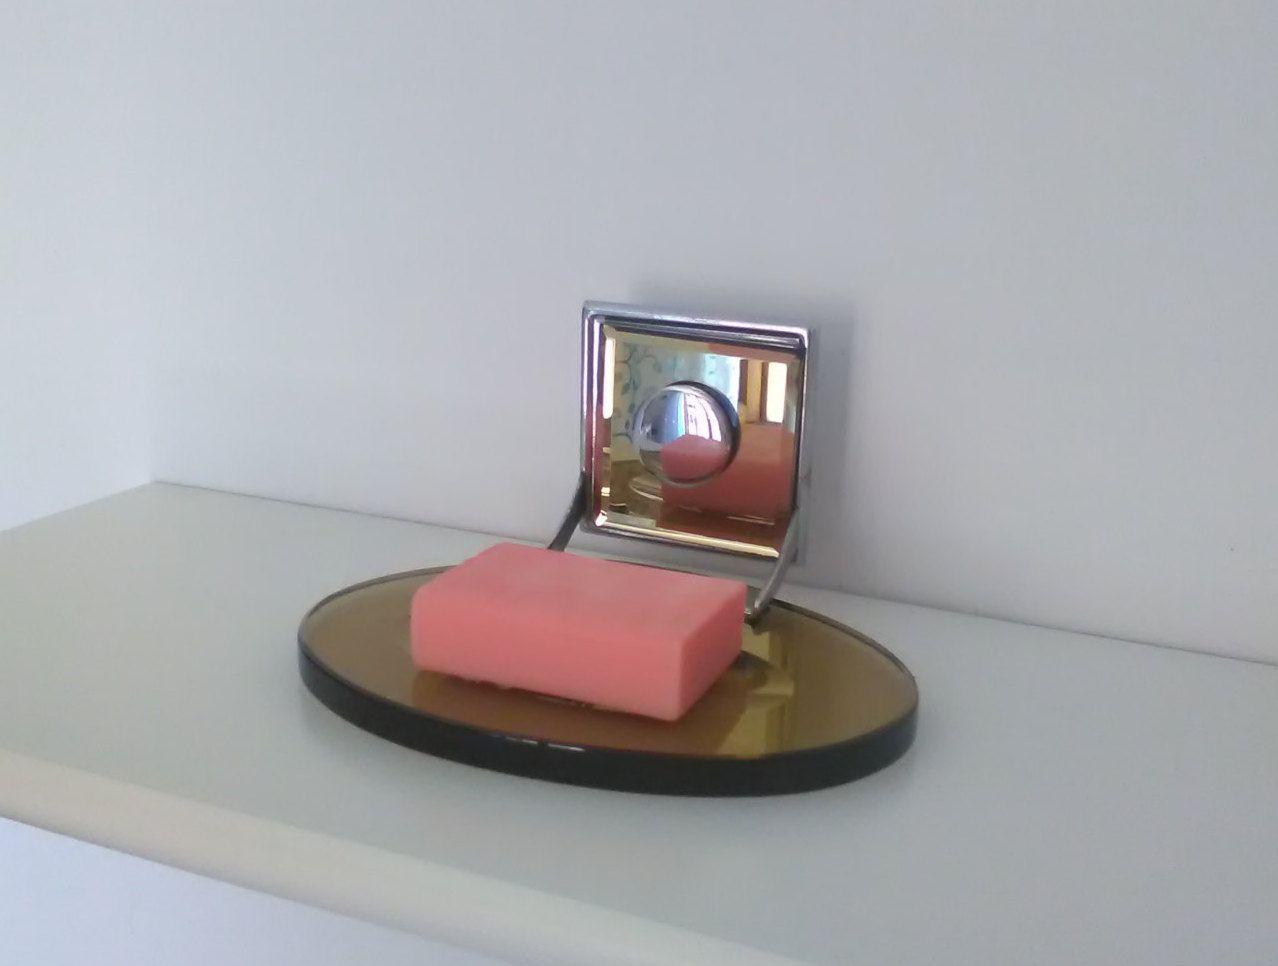 Scopino Bagno ~ Portascopino girevole in ceramica ad incasso u portascopino